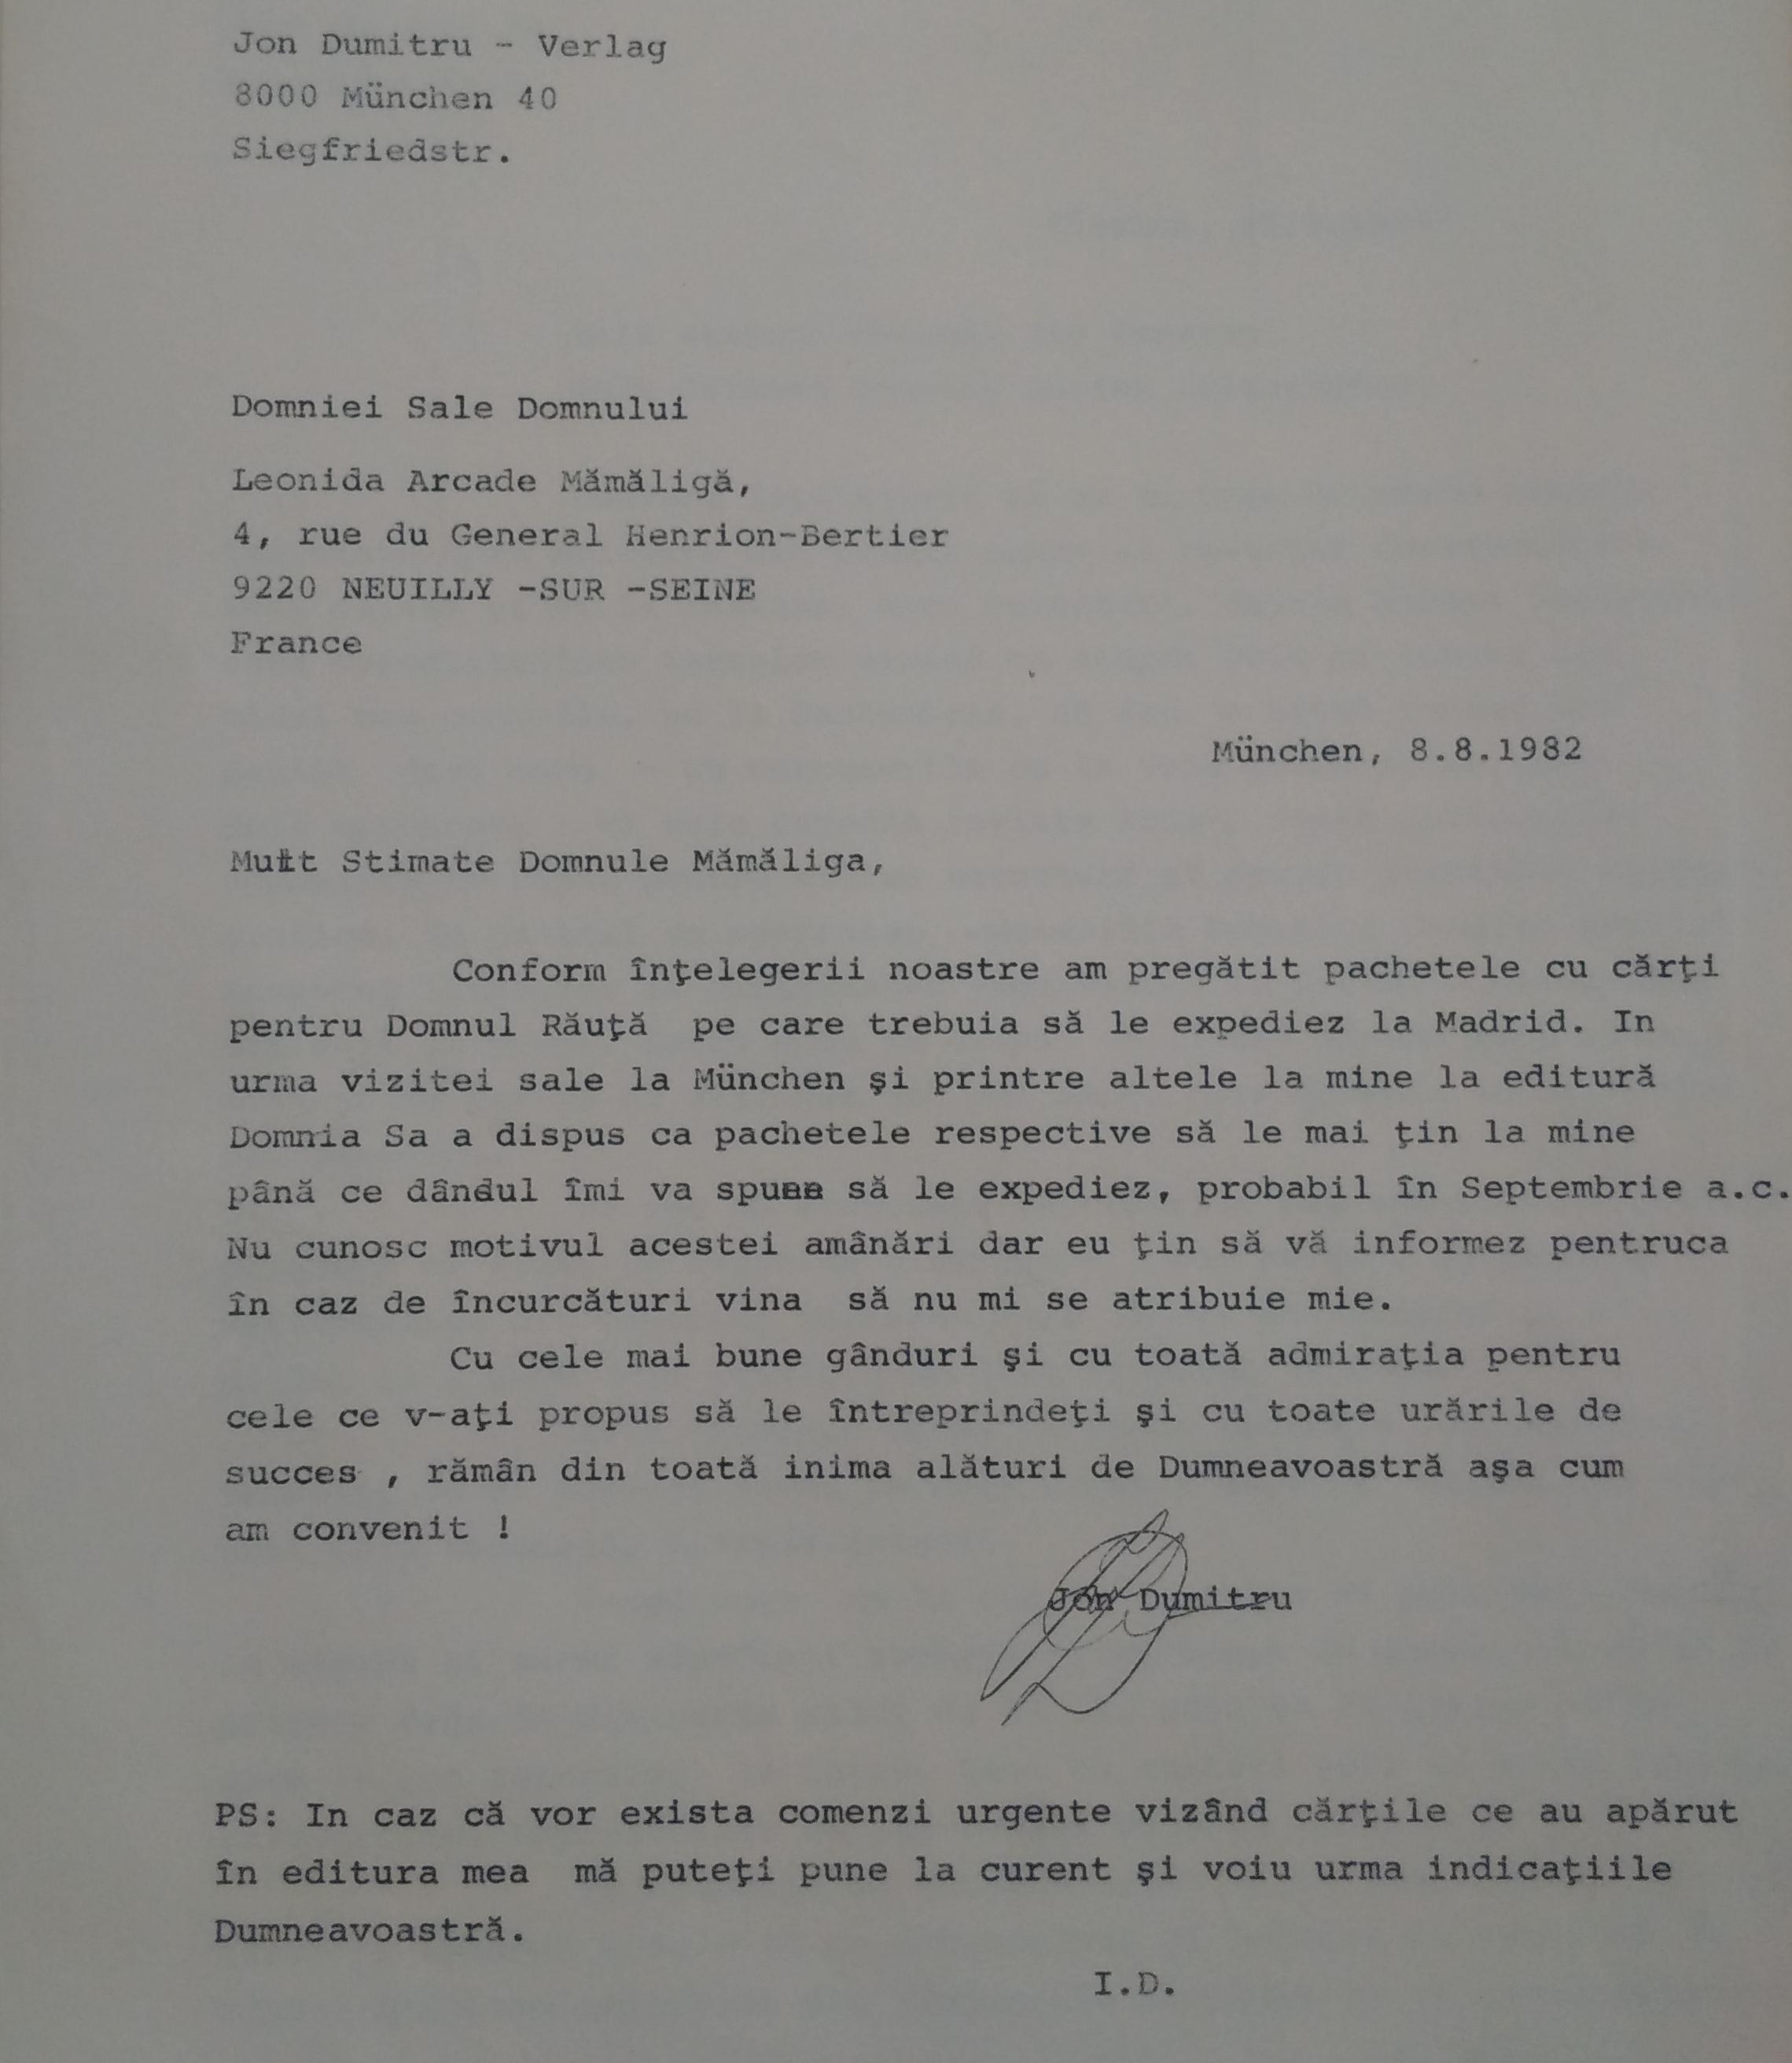 Letter from Ion Dumitru to Leonid Mămăligă, 8 August 1982, Munich